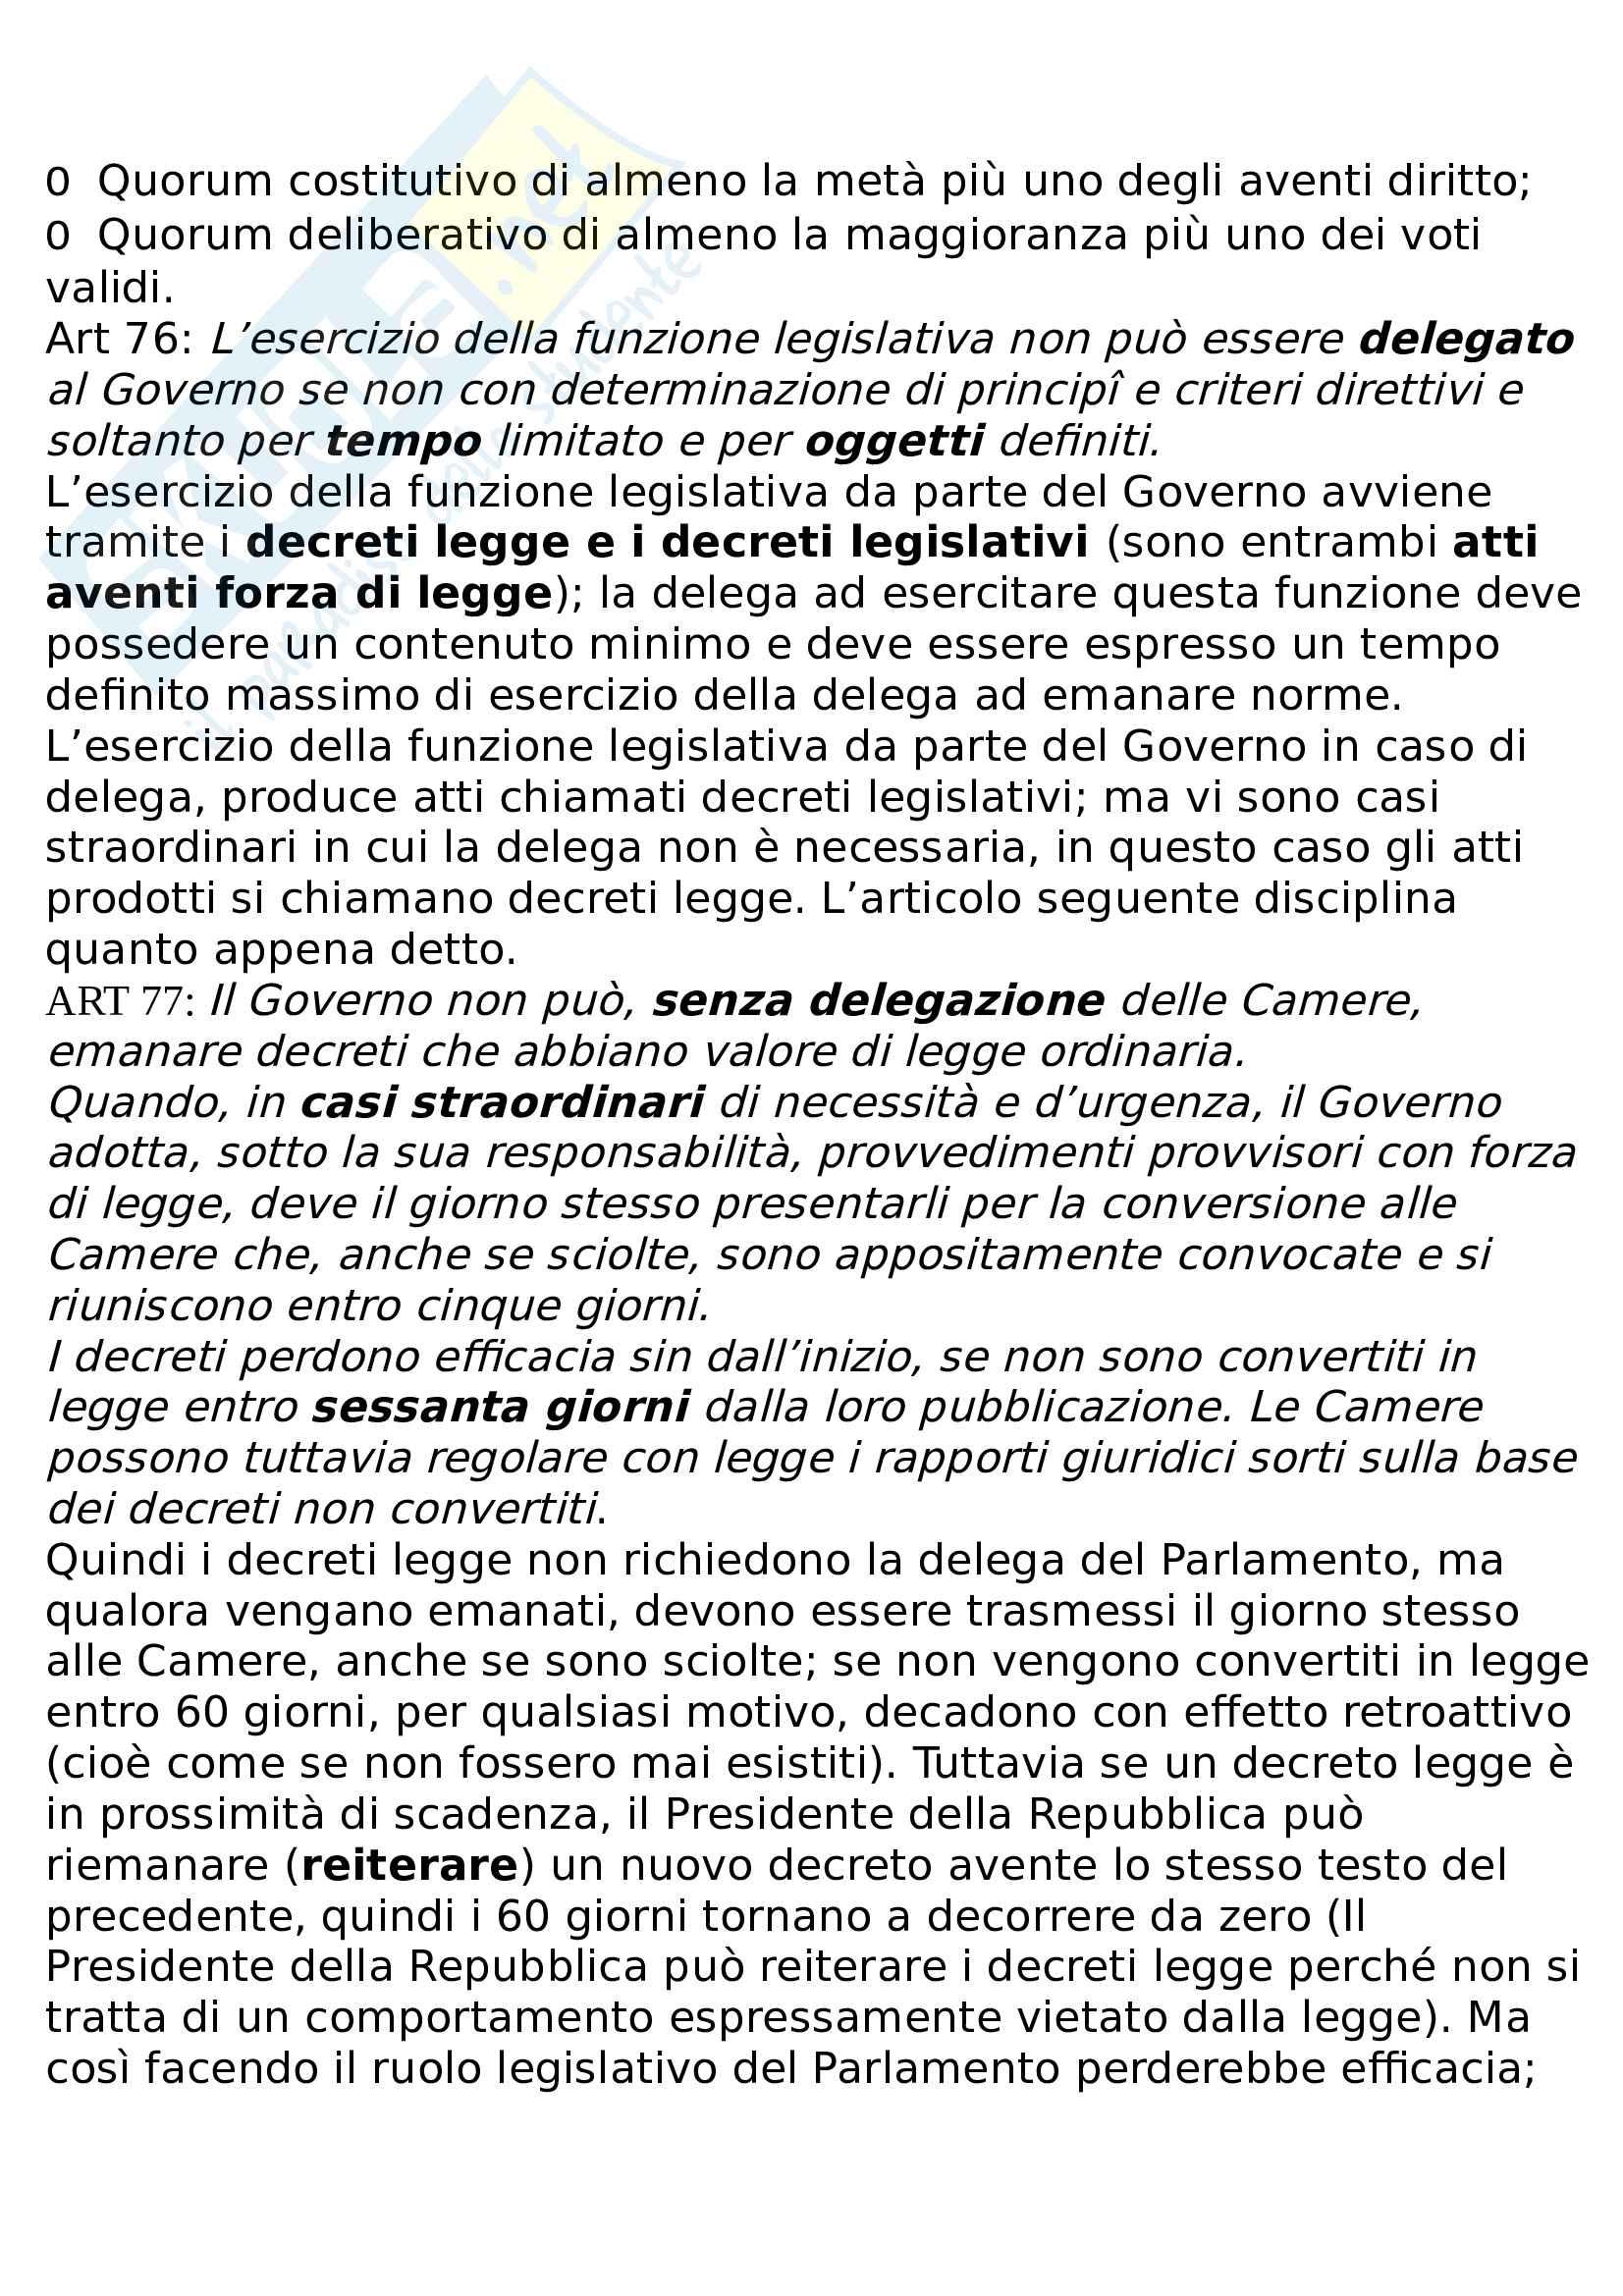 Riassunto diritto pubblico e amministrativo Pag. 21